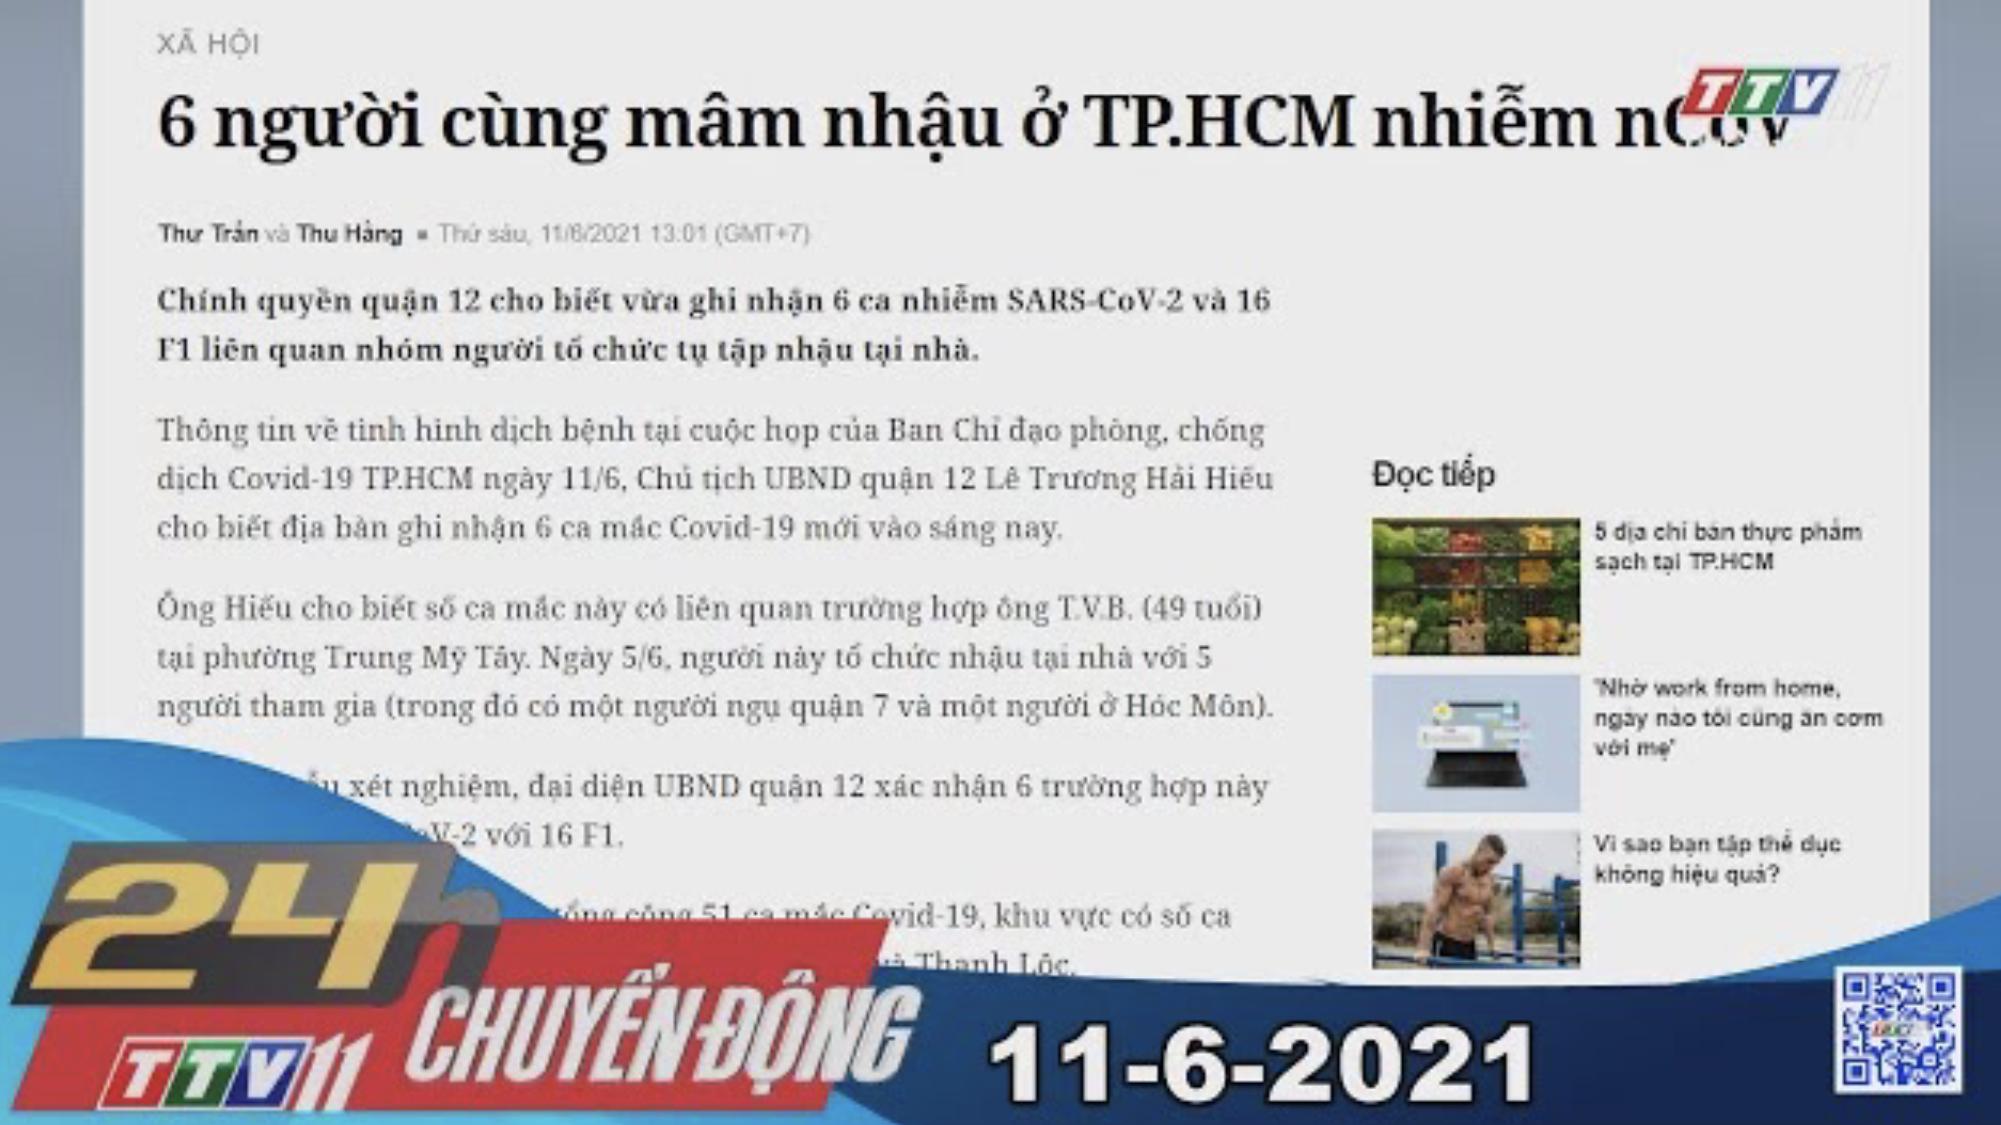 24h Chuyển động 11-6-2021 | Tin tức hôm nay | TayNinhTV